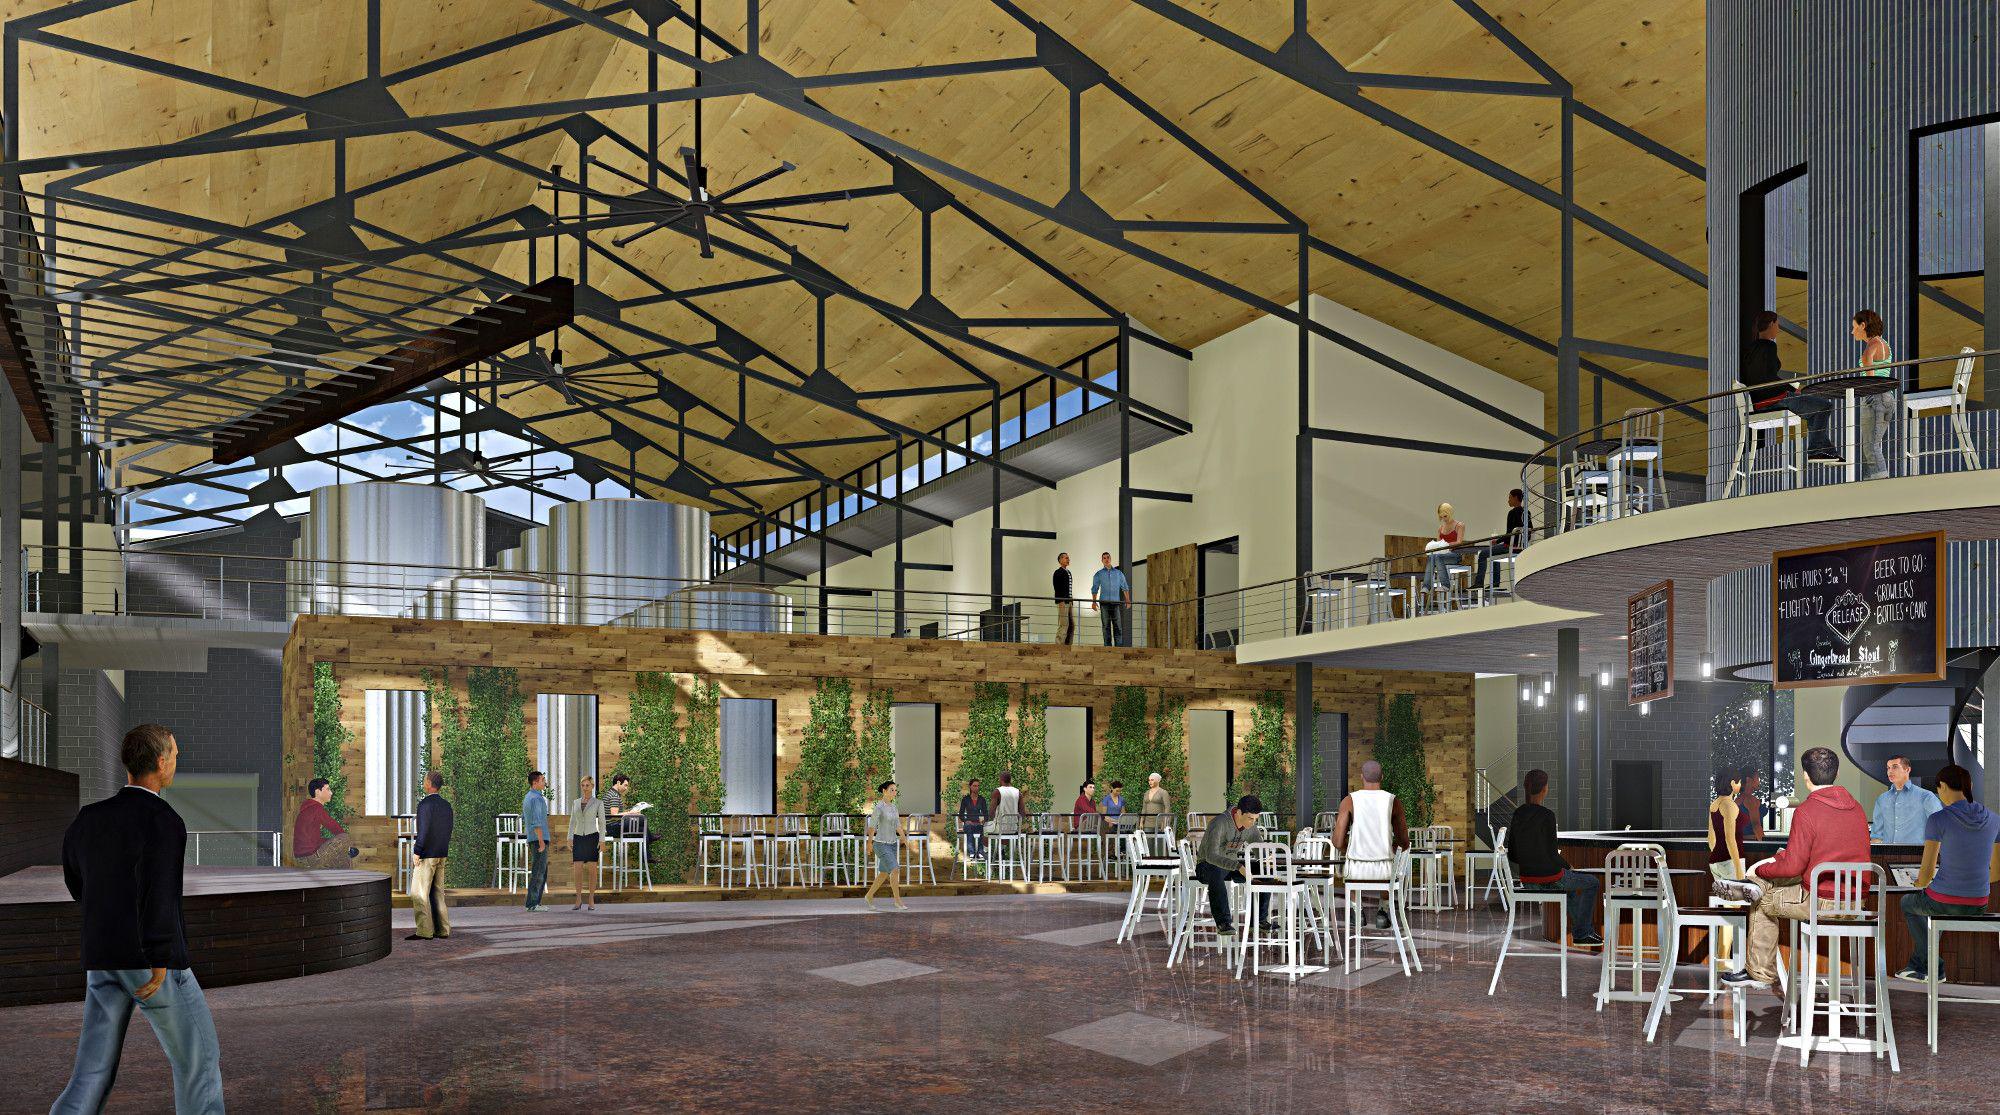 Hardywood Park Brewery Price Simpson Harvey Brewery